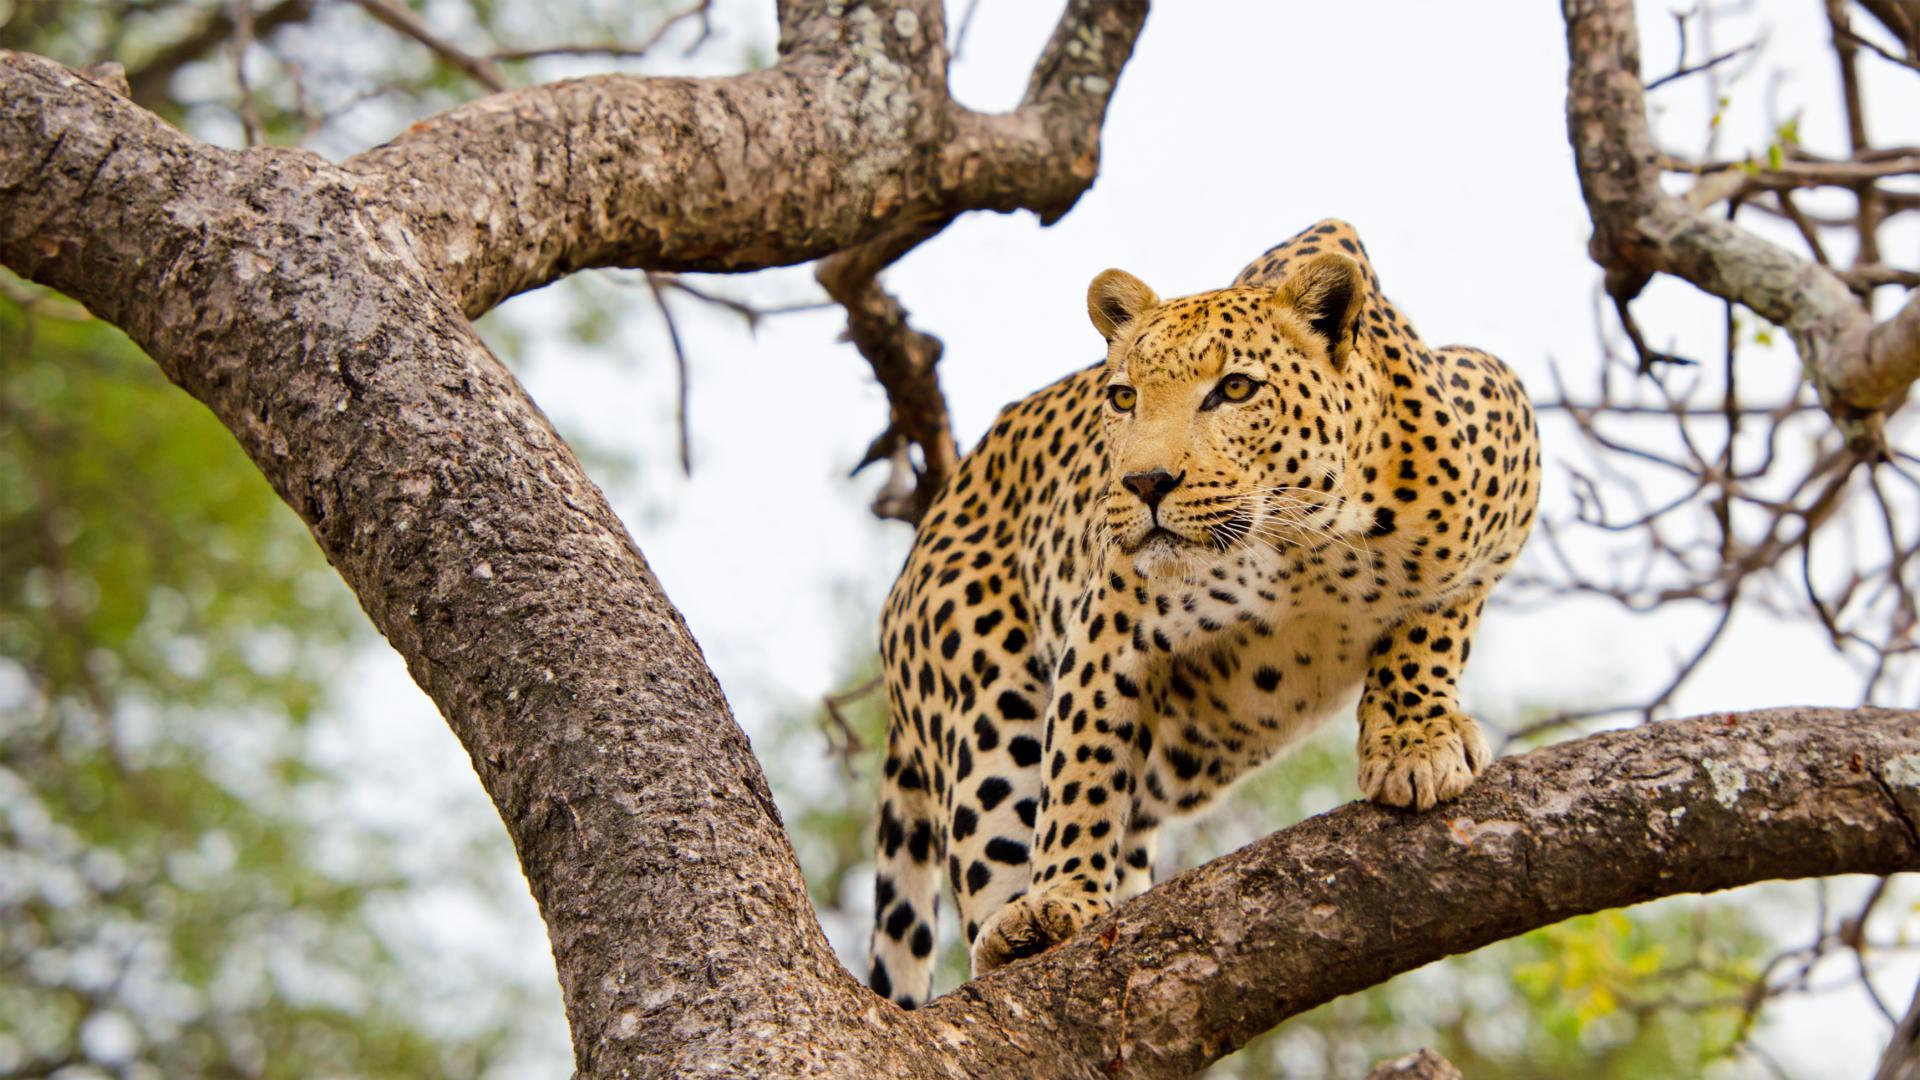 Земята за леопарда - последното убежище за най-застрашените големи котки в света